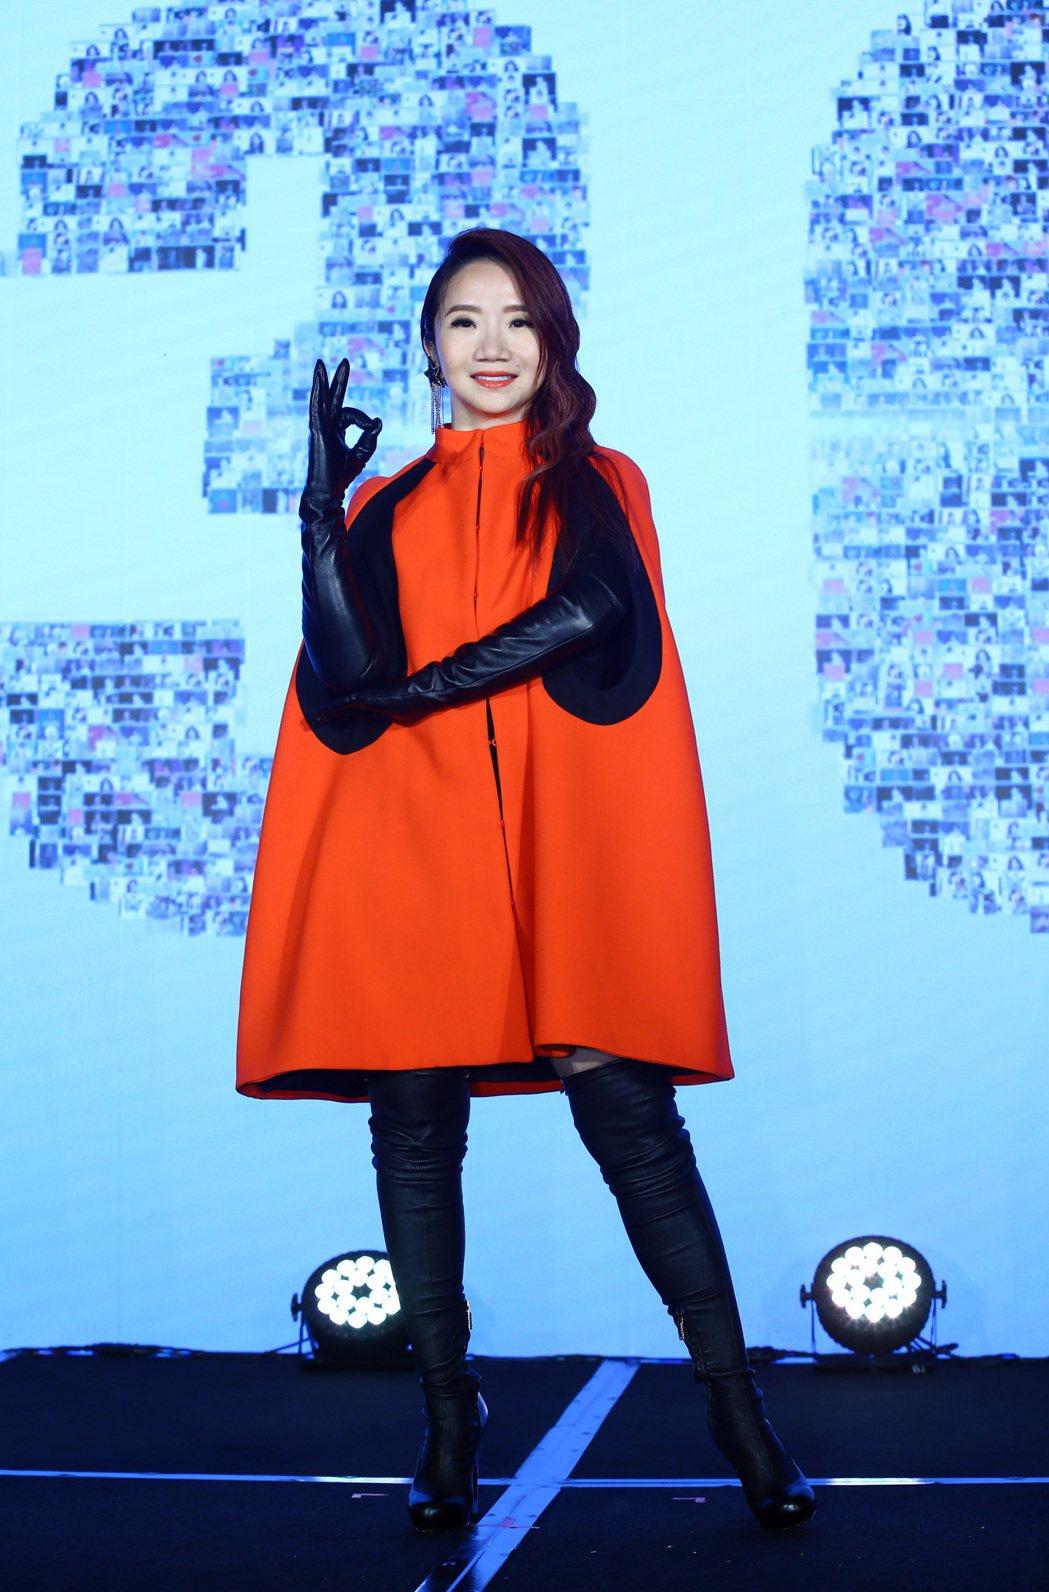 集歌手、主持、 DJ、作家、經紀人、媒體創辦者與妻子母親等多重身份的陶晶瑩,宣布